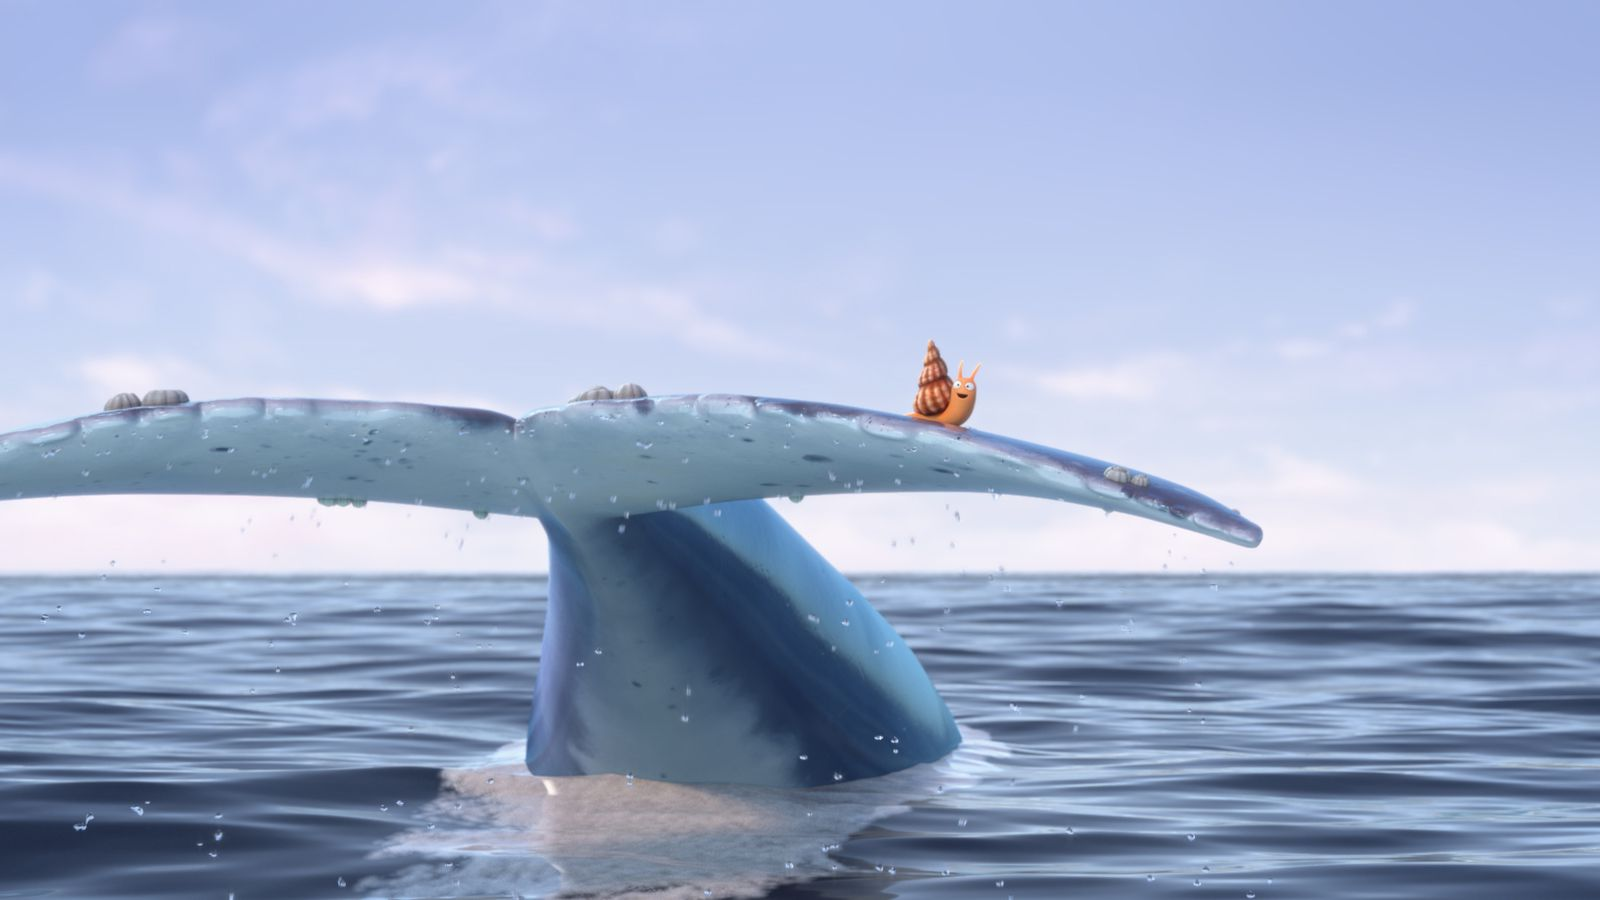 La baleine et l'escargote (BANDE-ANNONCE) de Max Lang et Daniel Snaddon - Le 21 octobre 2020 au cinéma